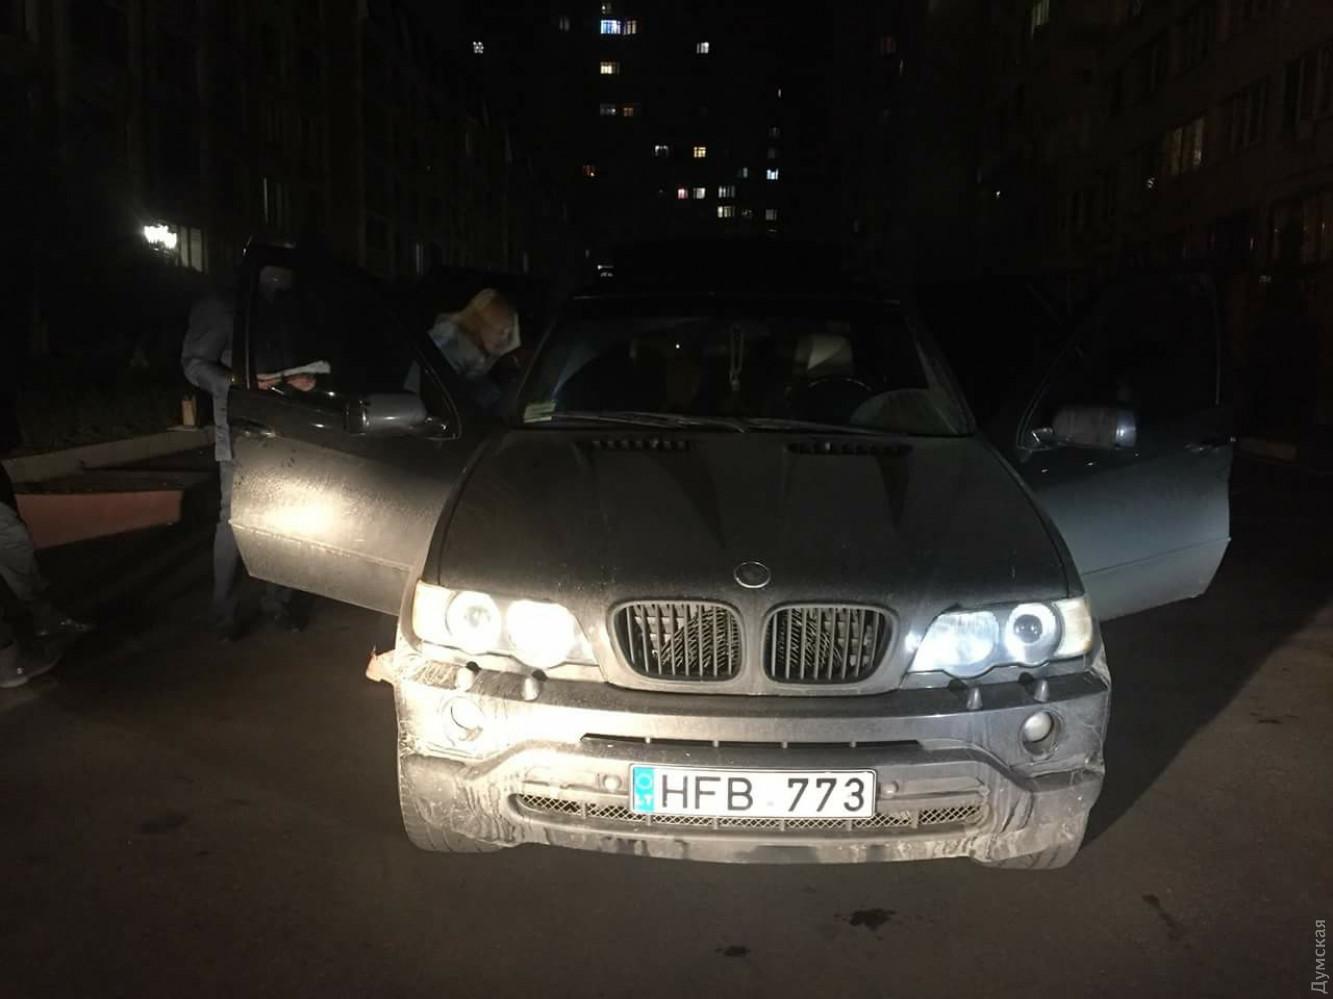 Преступники похитили женщину вОдессе и добивались выкуп